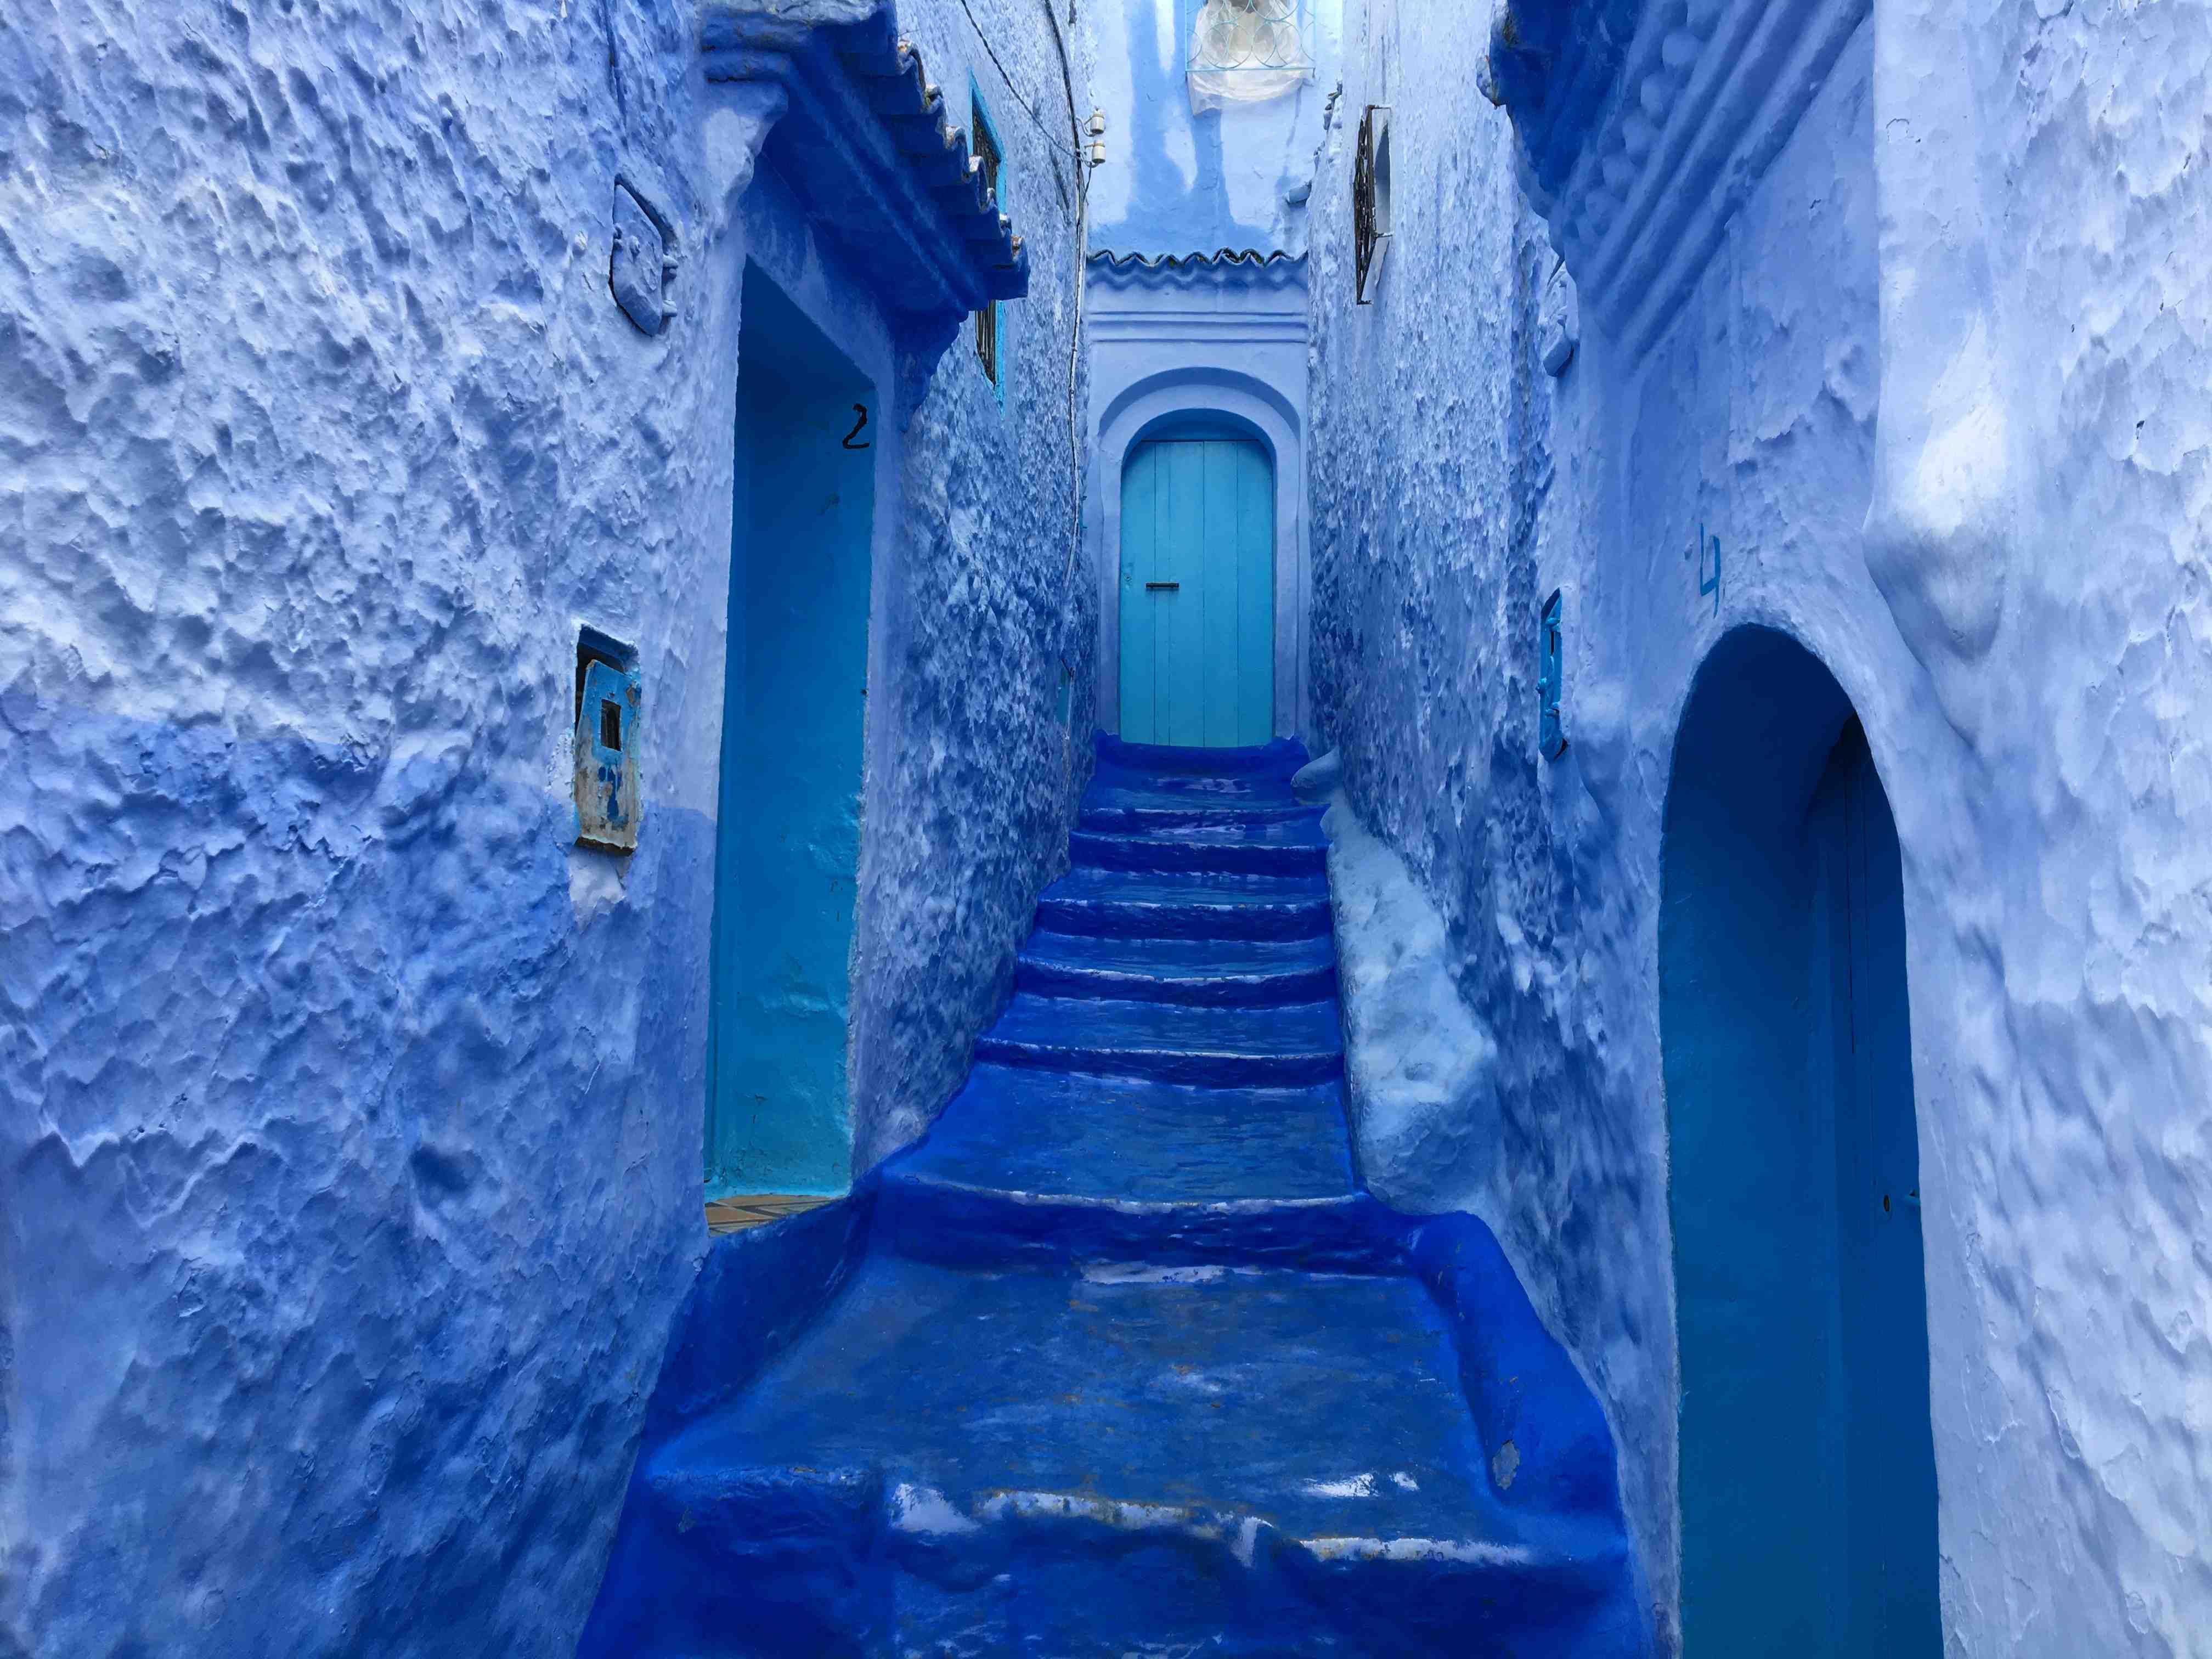 Le r ve bleu de chefchaouen au maroc bohemian voyageur for Reve bleu piscine